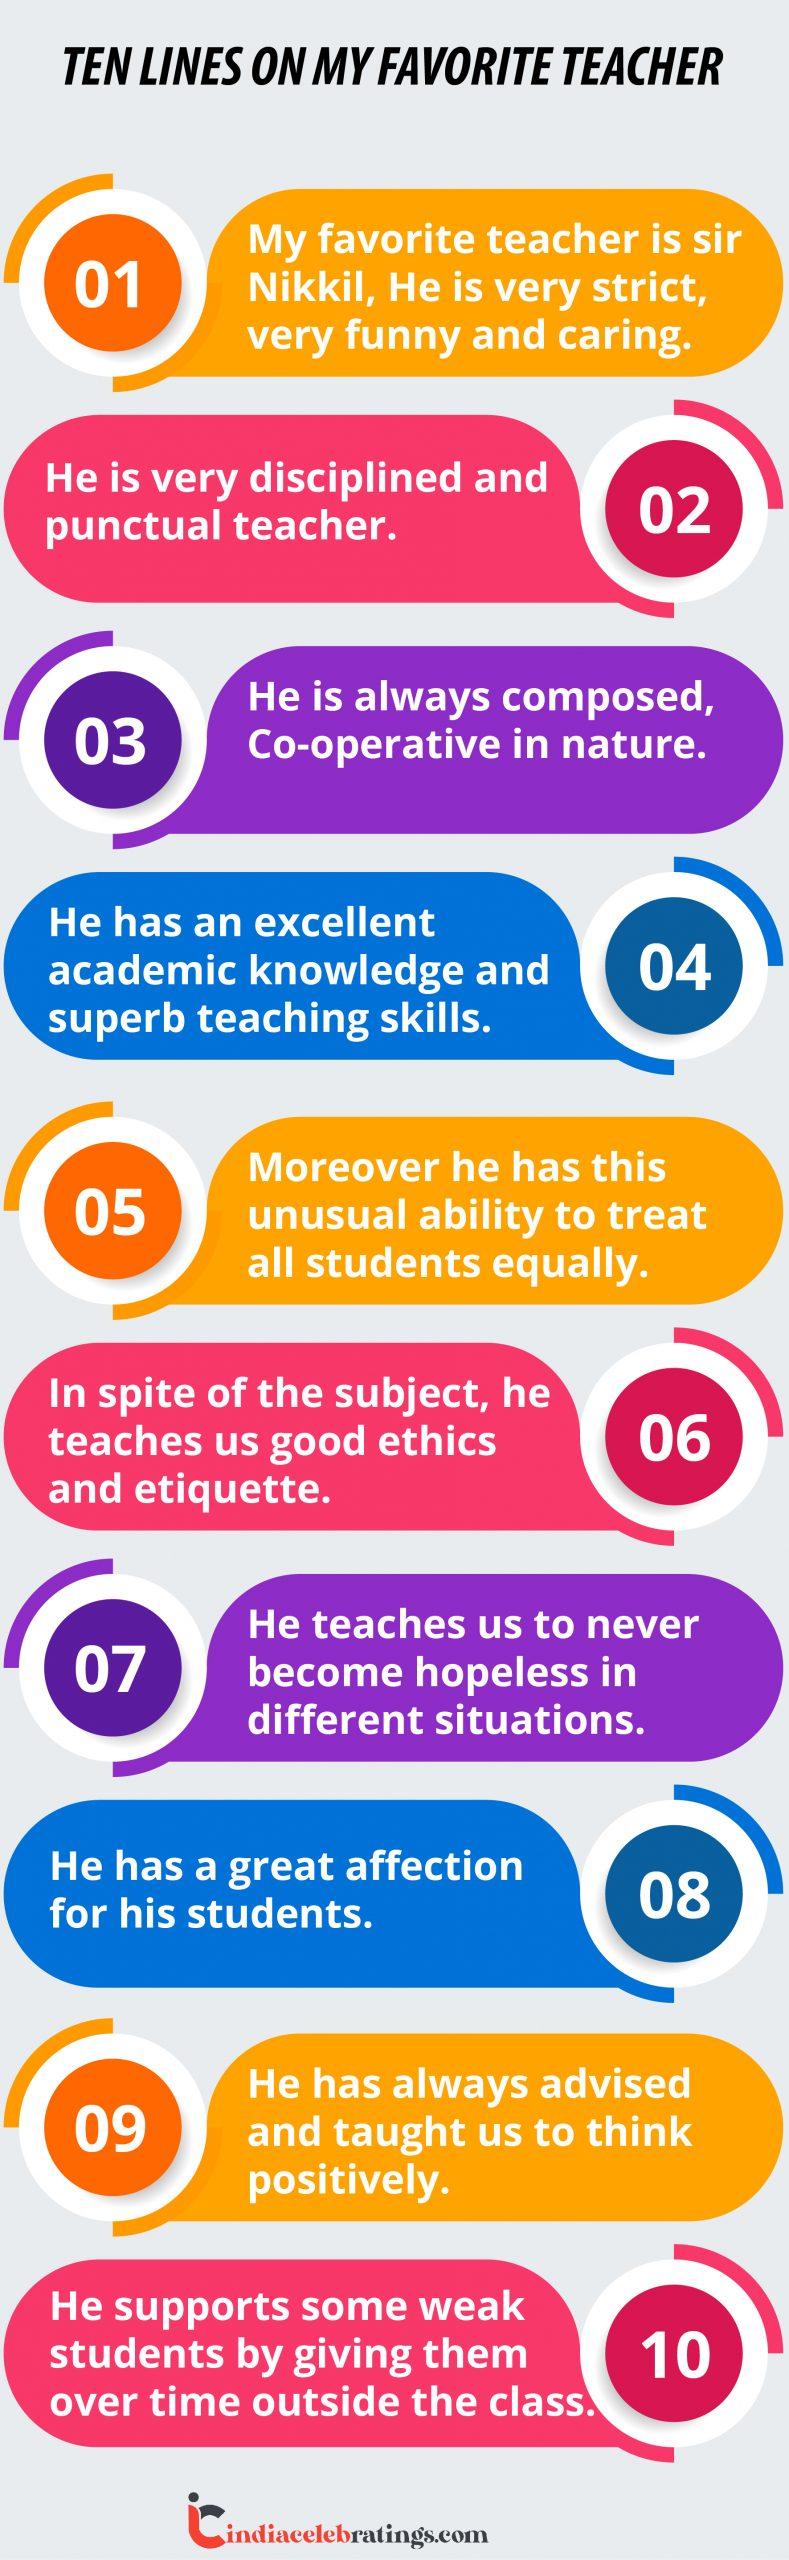 Ten lines on my favorite teacher